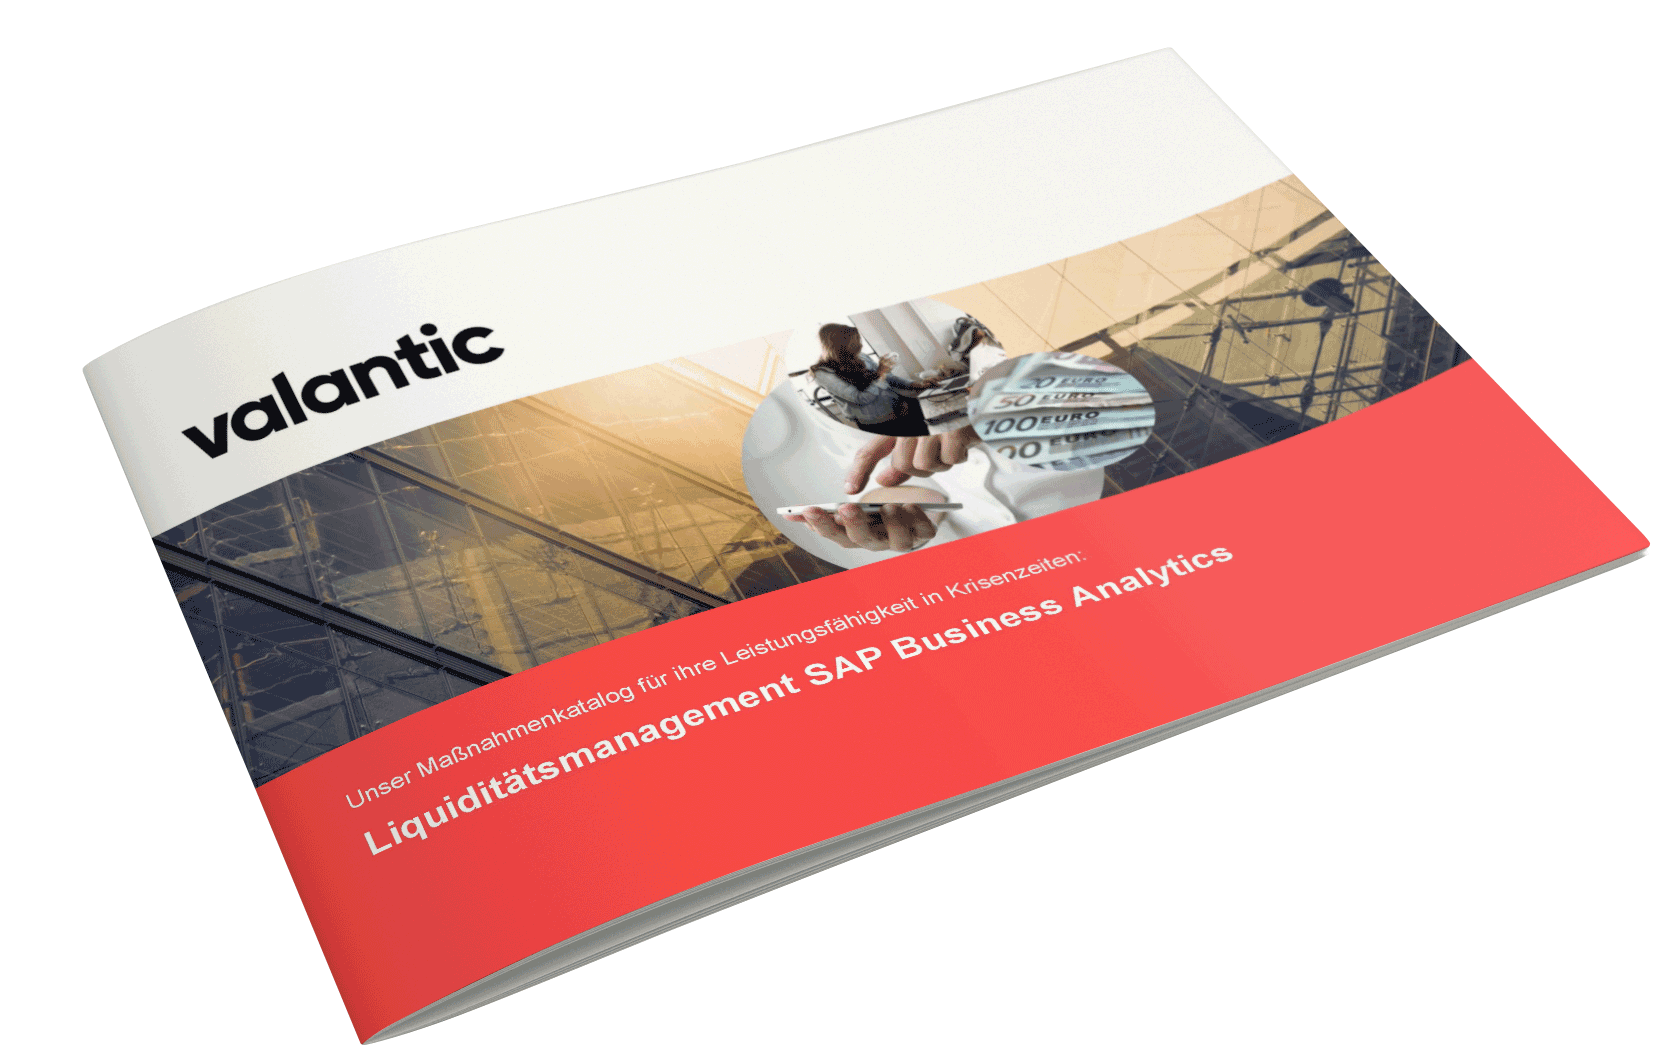 Bild einer Zeitschrift, valantic Maßnahmenpaket zum Liquiditätsmanagement in Krisenzeiten